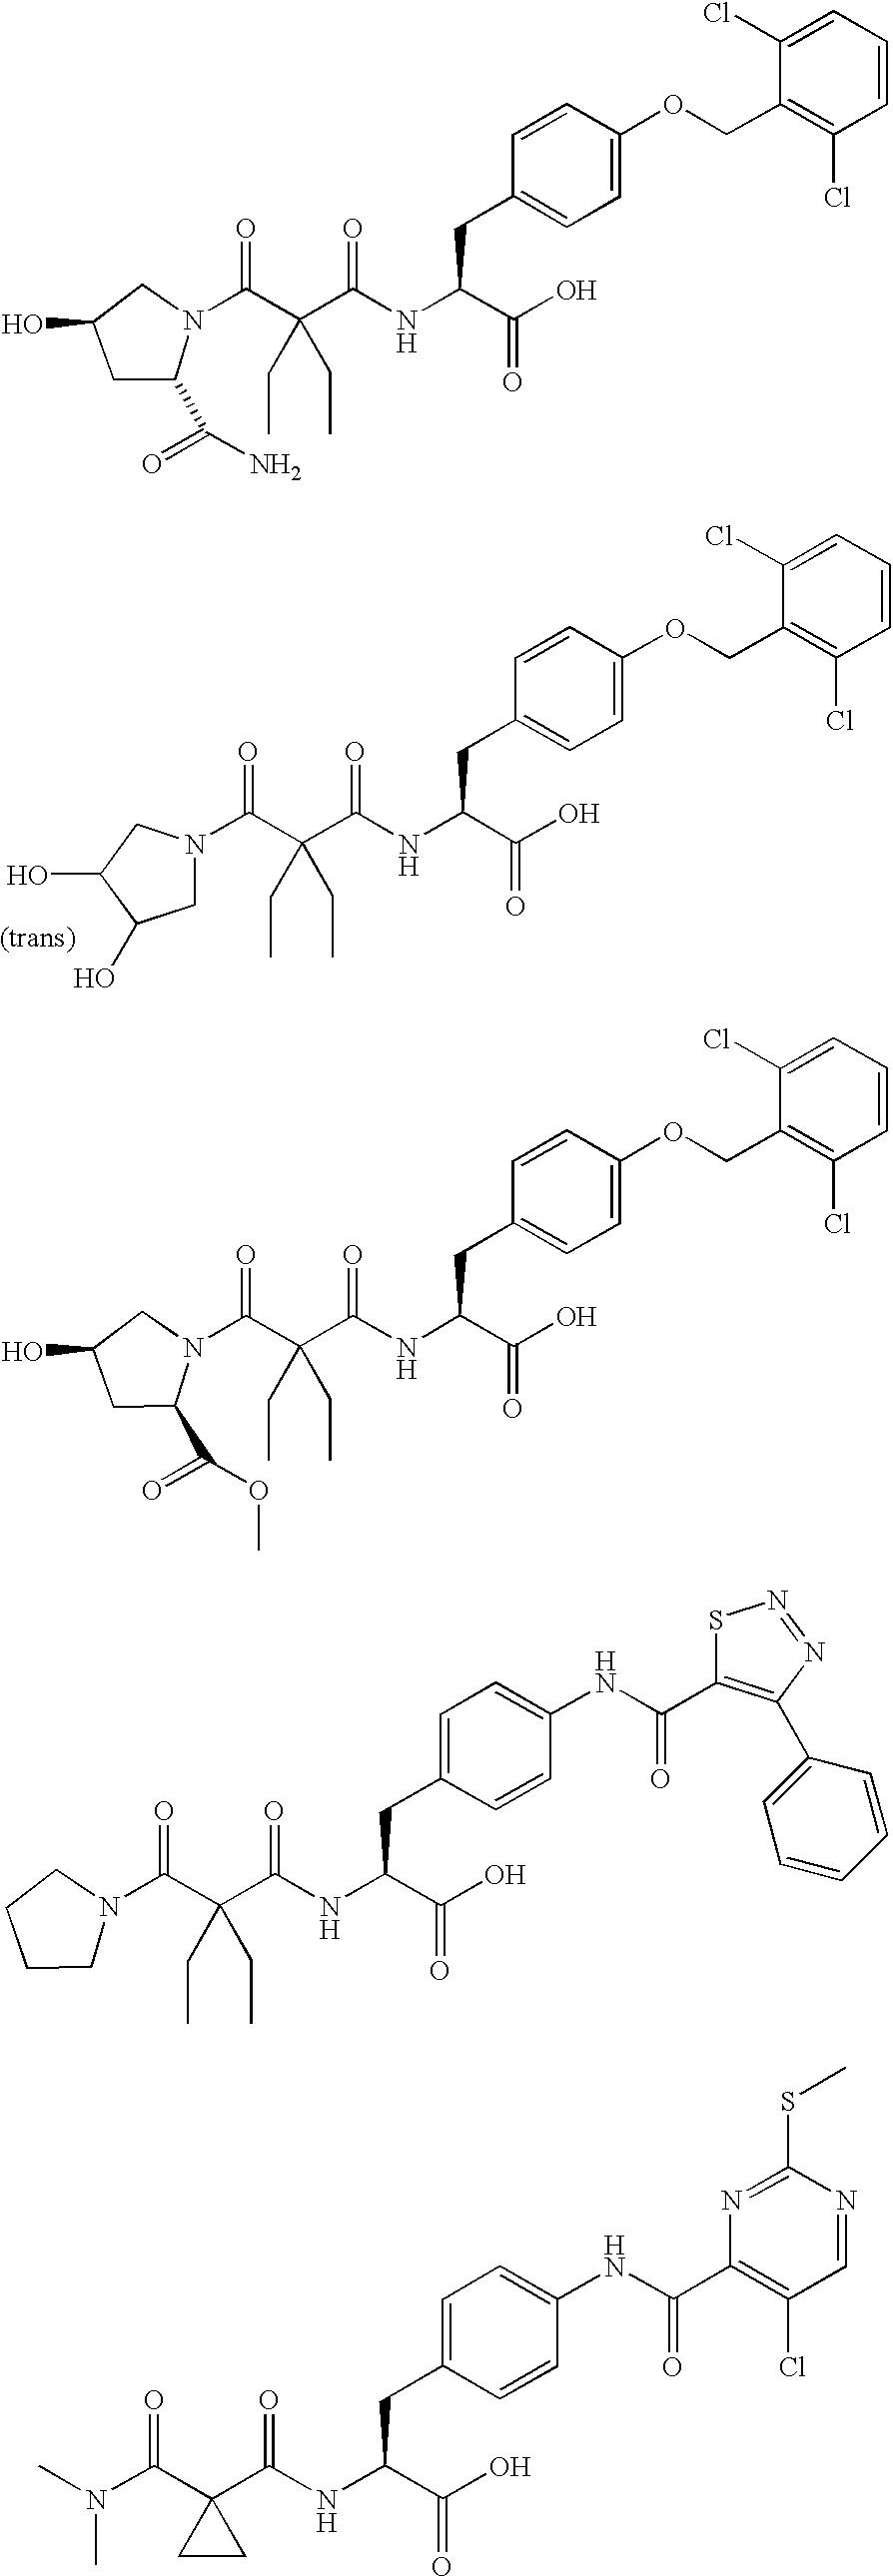 Figure US06855706-20050215-C00006